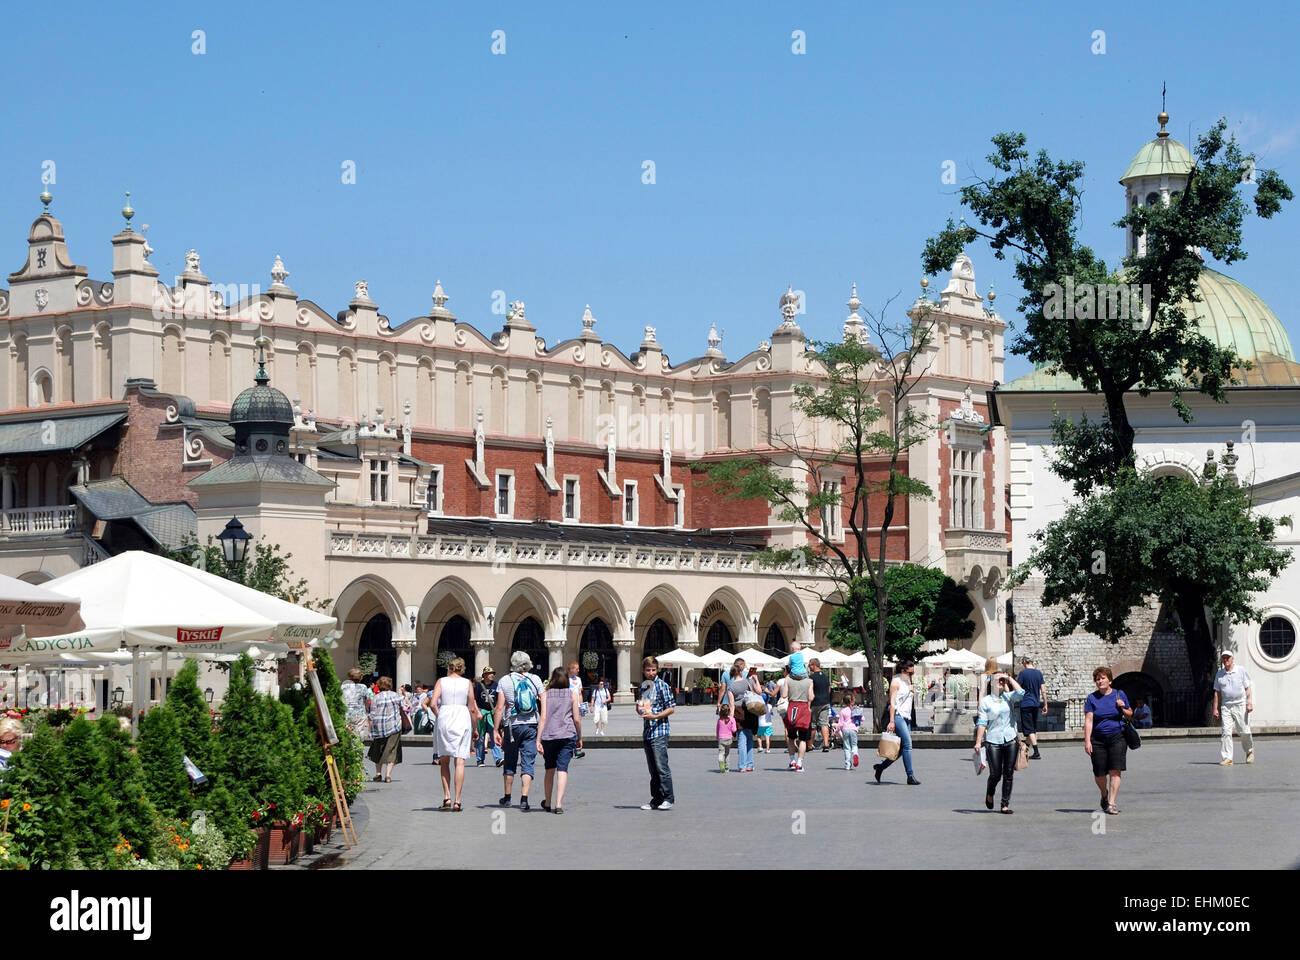 La place principale de Cracovie en Pologne avec le chiffon Halls. Photo Stock